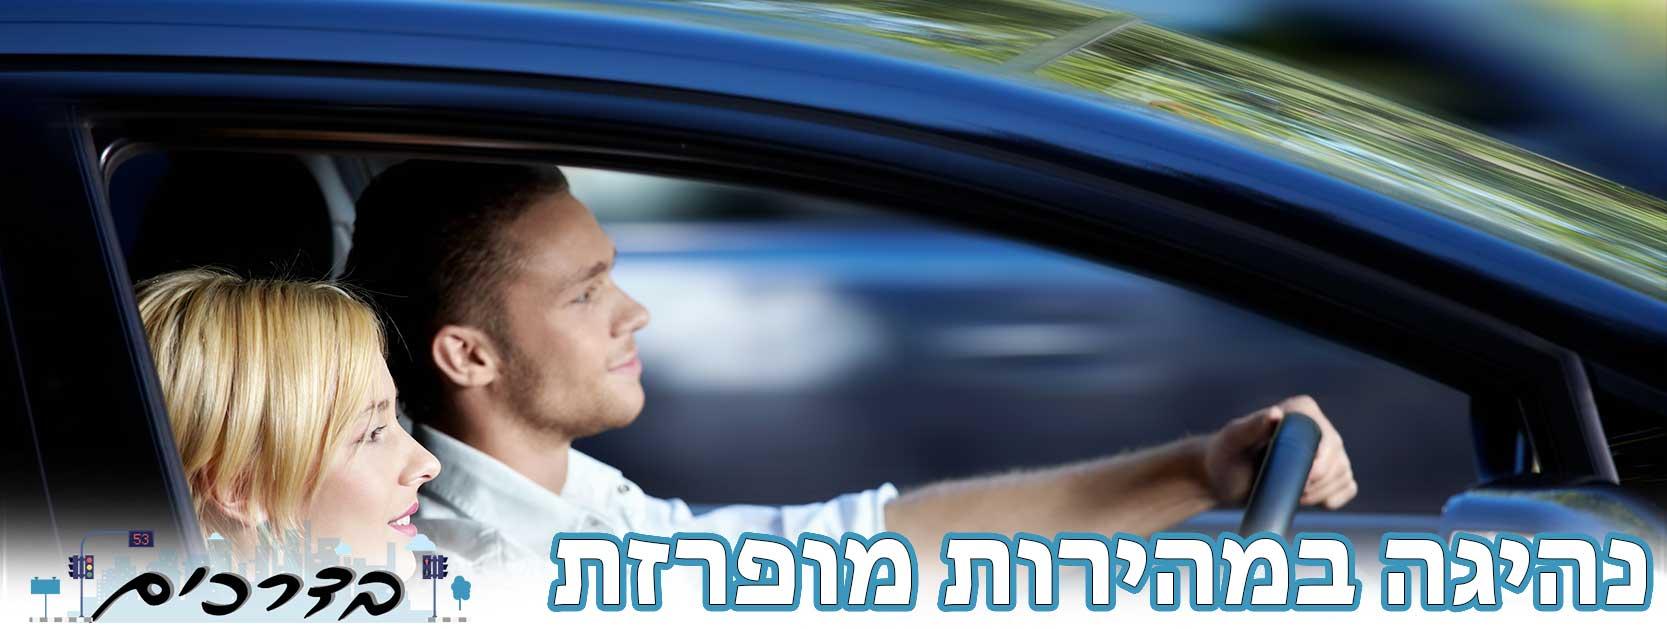 נהיגה במהירות מופרזת